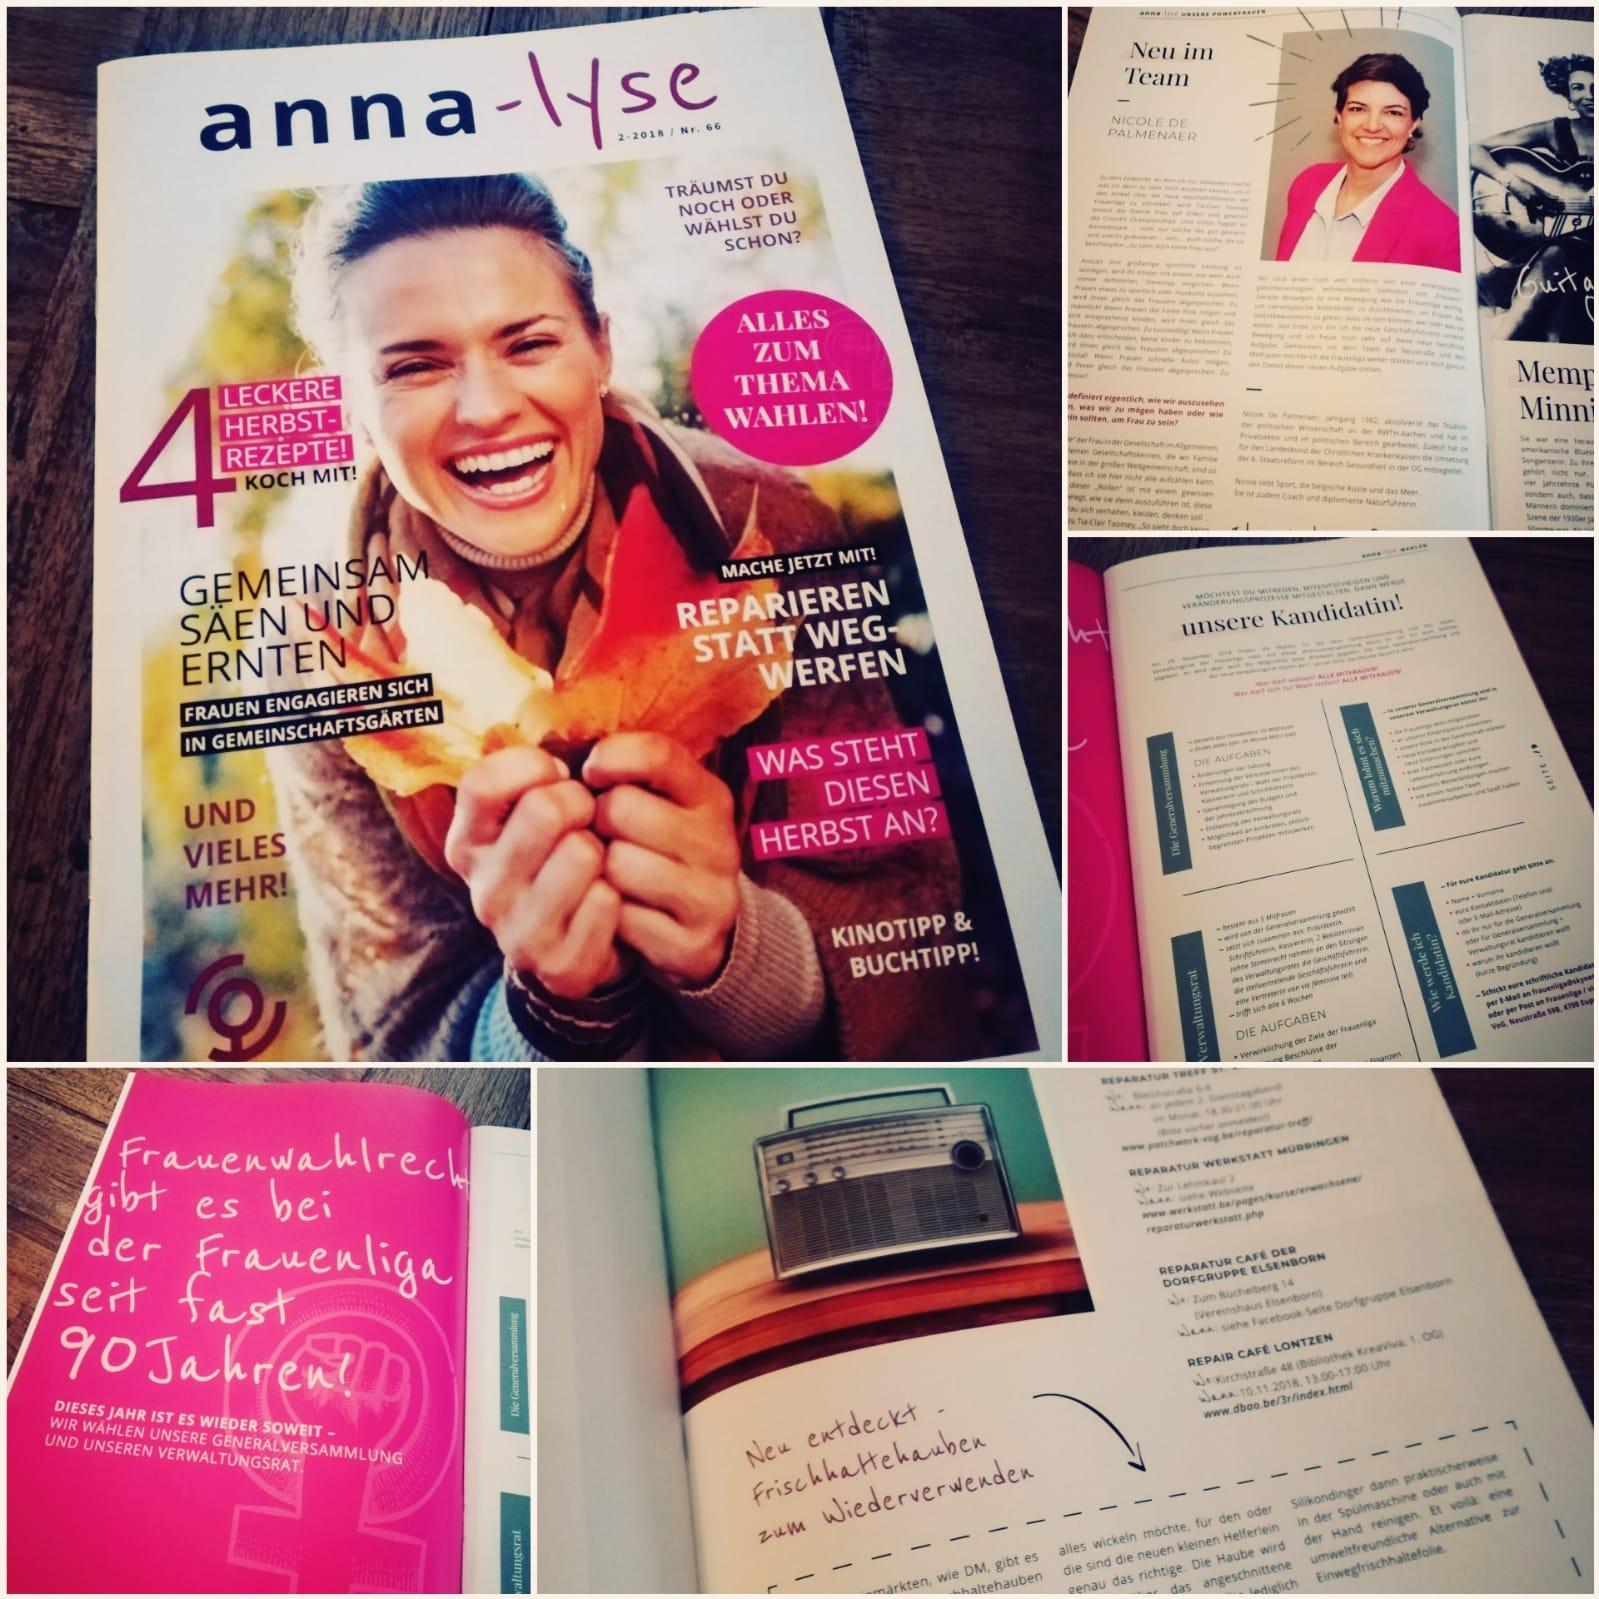 Für unsere Zeitschrift anna-lyse